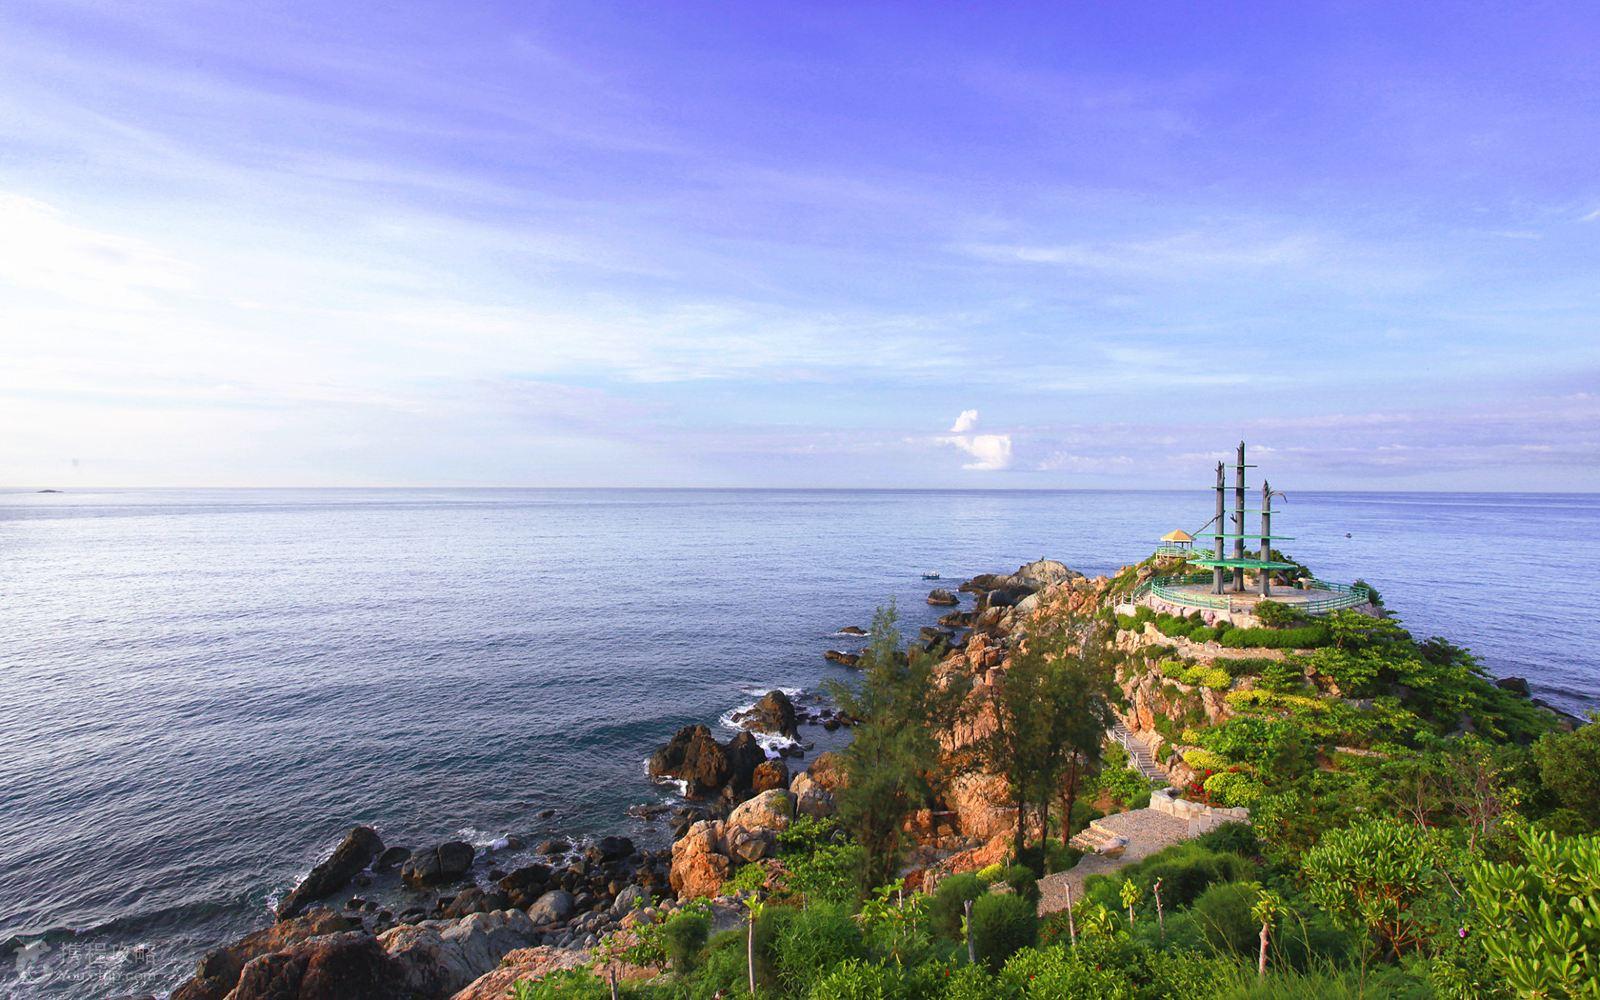 摄影之旅·海南三亚+南湾猴岛+亚龙湾+大东海+西岛